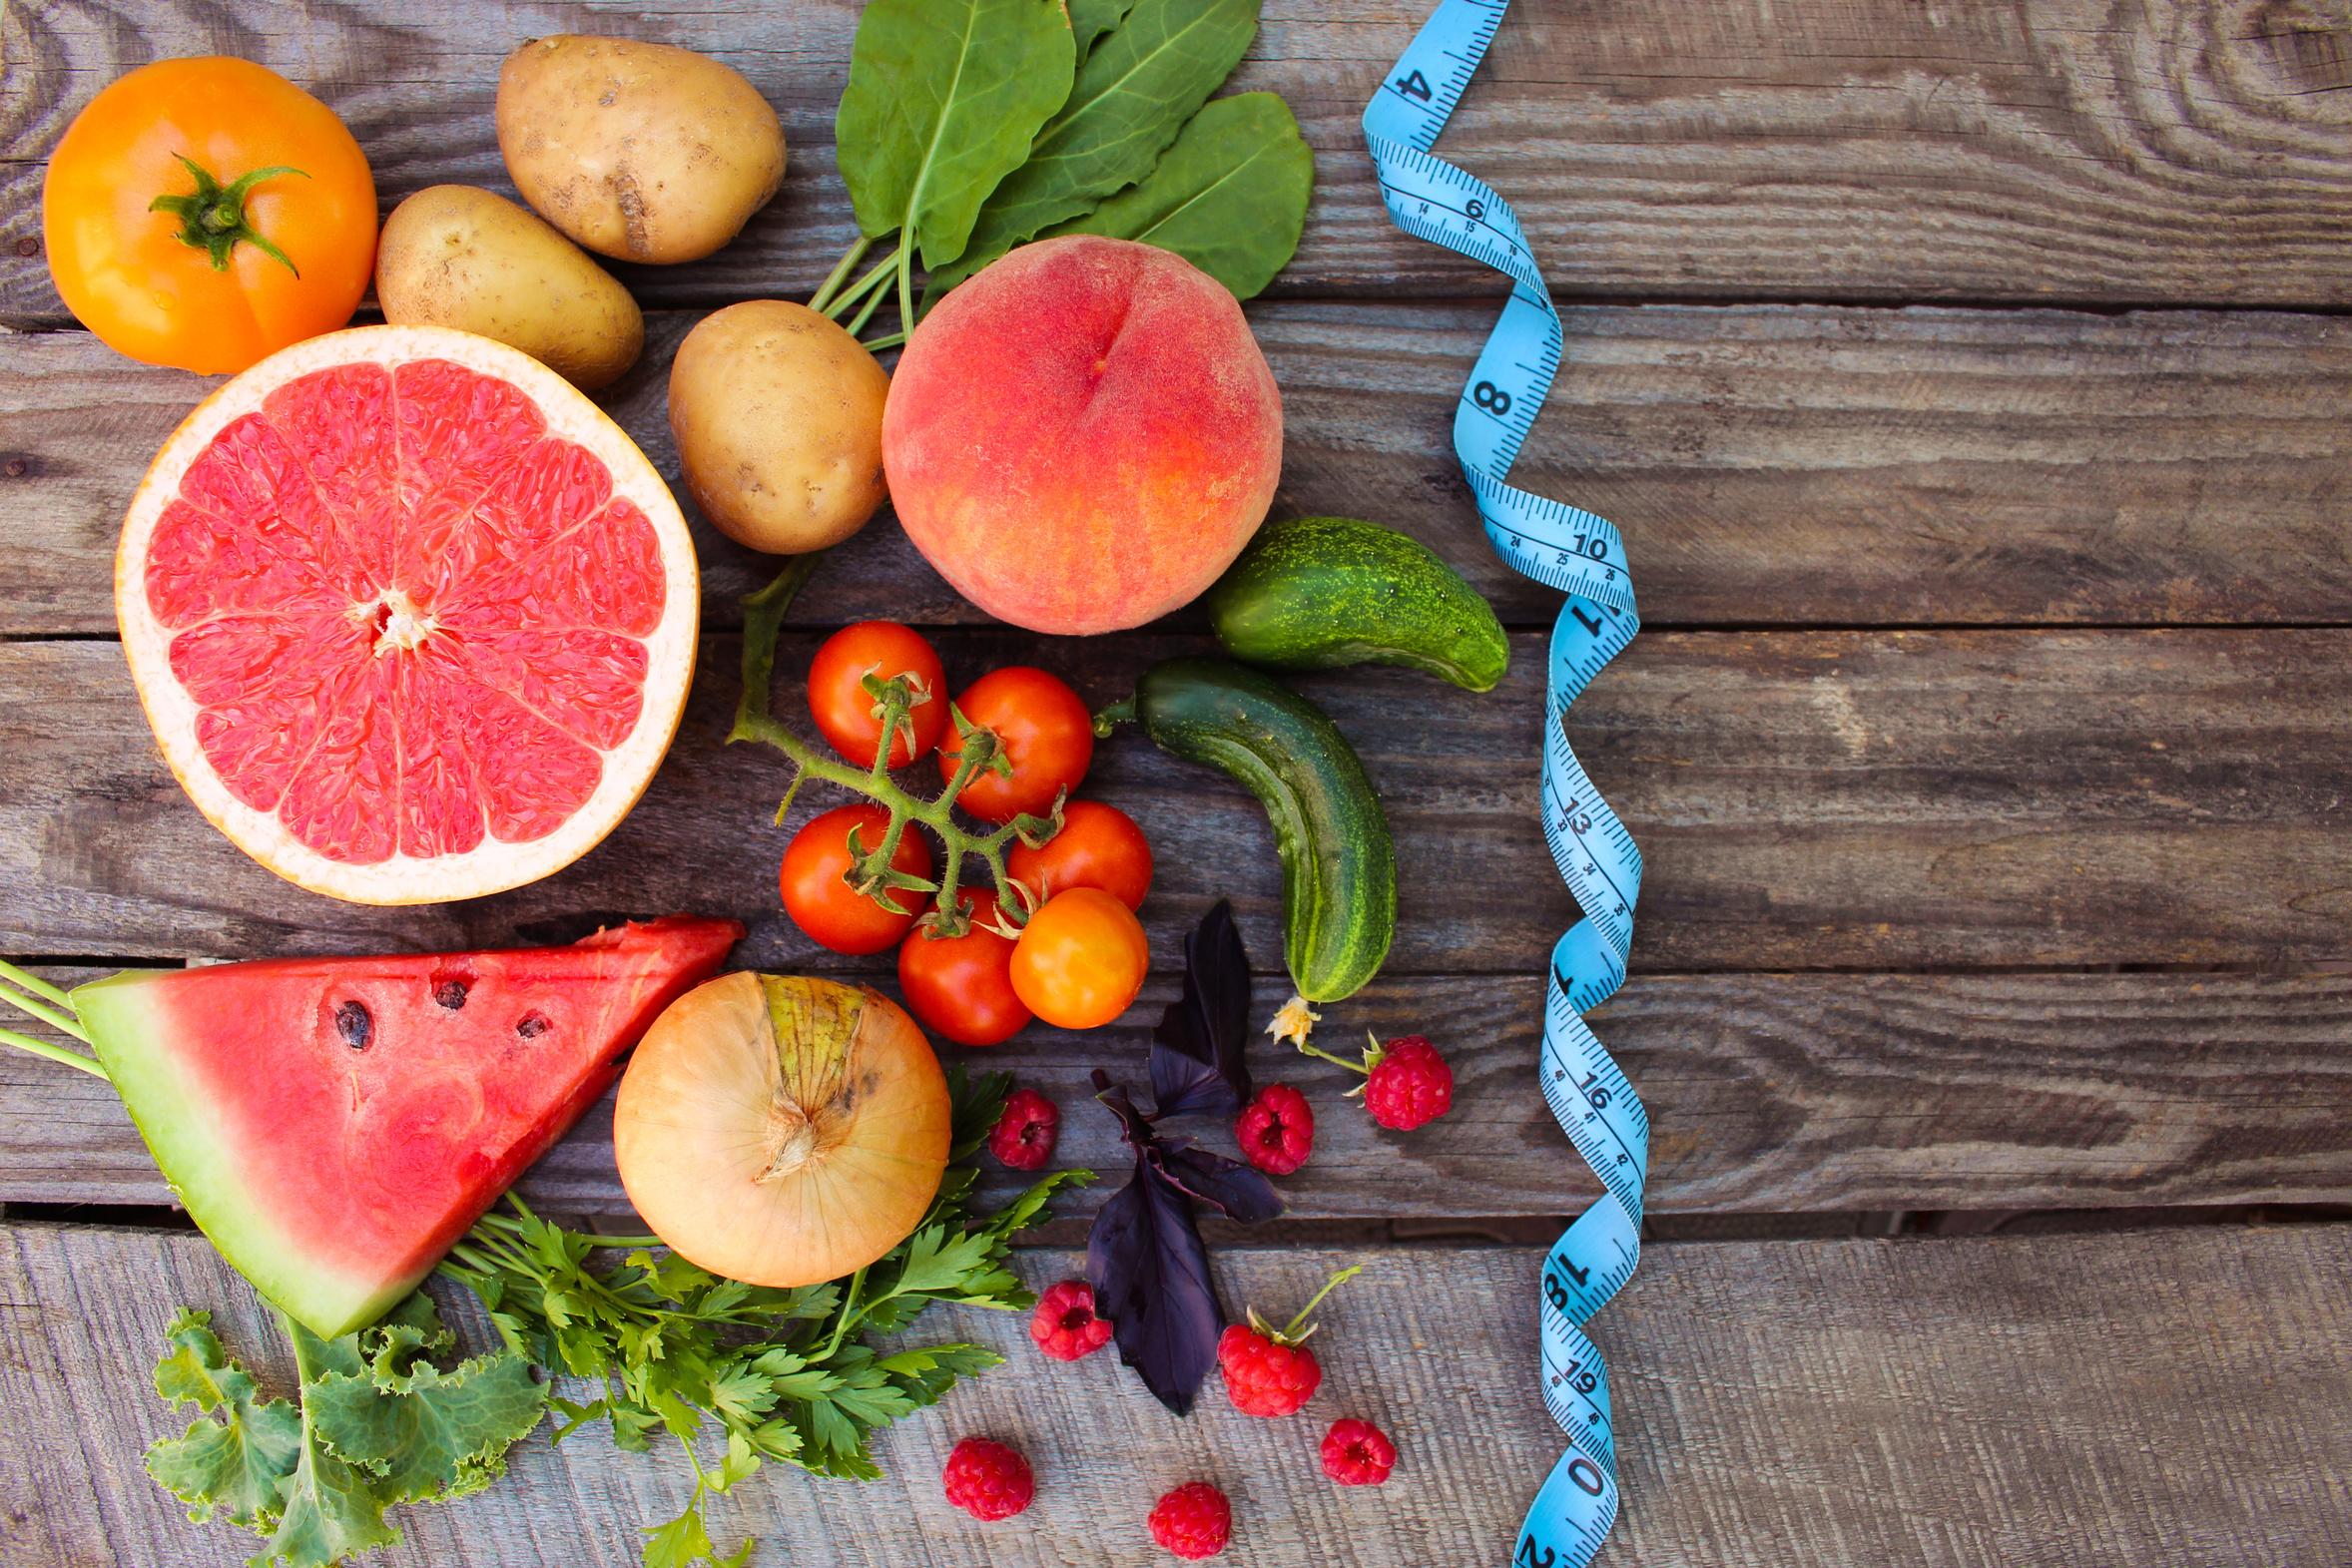 Stoffwechseldiät, Darmtherapie, Aktivierung des Stoffwechsels, schneller Abnehmen, Nachhaltig Gewicht reduzieren, Ernährung umstellen, Sirtuine, Stoffwechsel, metabolic, metabolisches Syndrom,